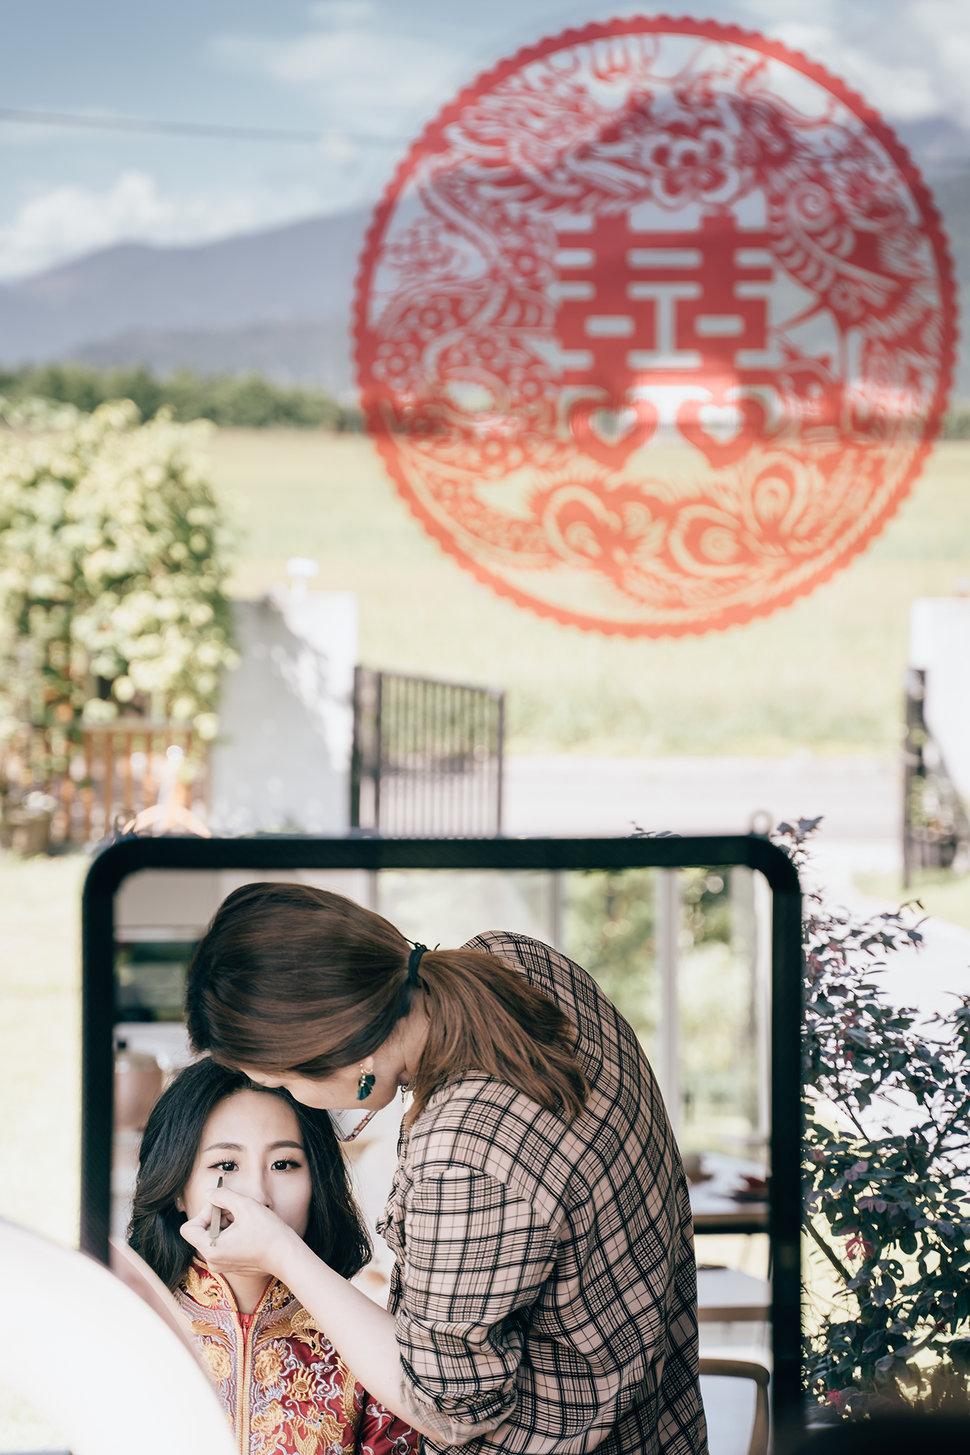 20190606-9 - 婚攝阿峰-采舍影像《結婚吧》